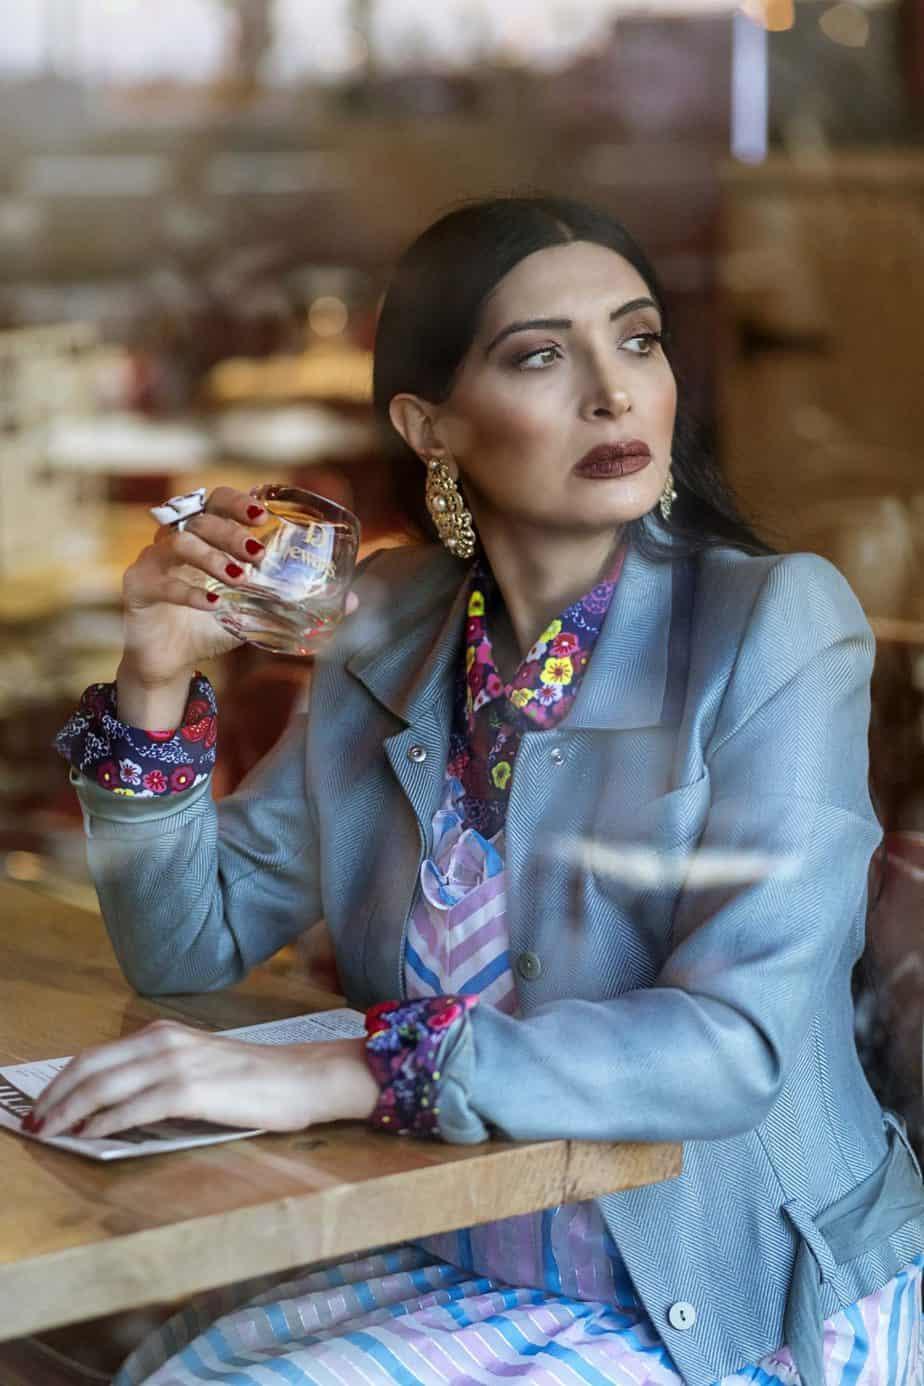 חולצה מודפסת שנות ה- 70, ג'קט של ג'ון גליאנו, מאיה אושרי כהן, אופנה שנות השבעים,צילום Gennadiy Tsodik